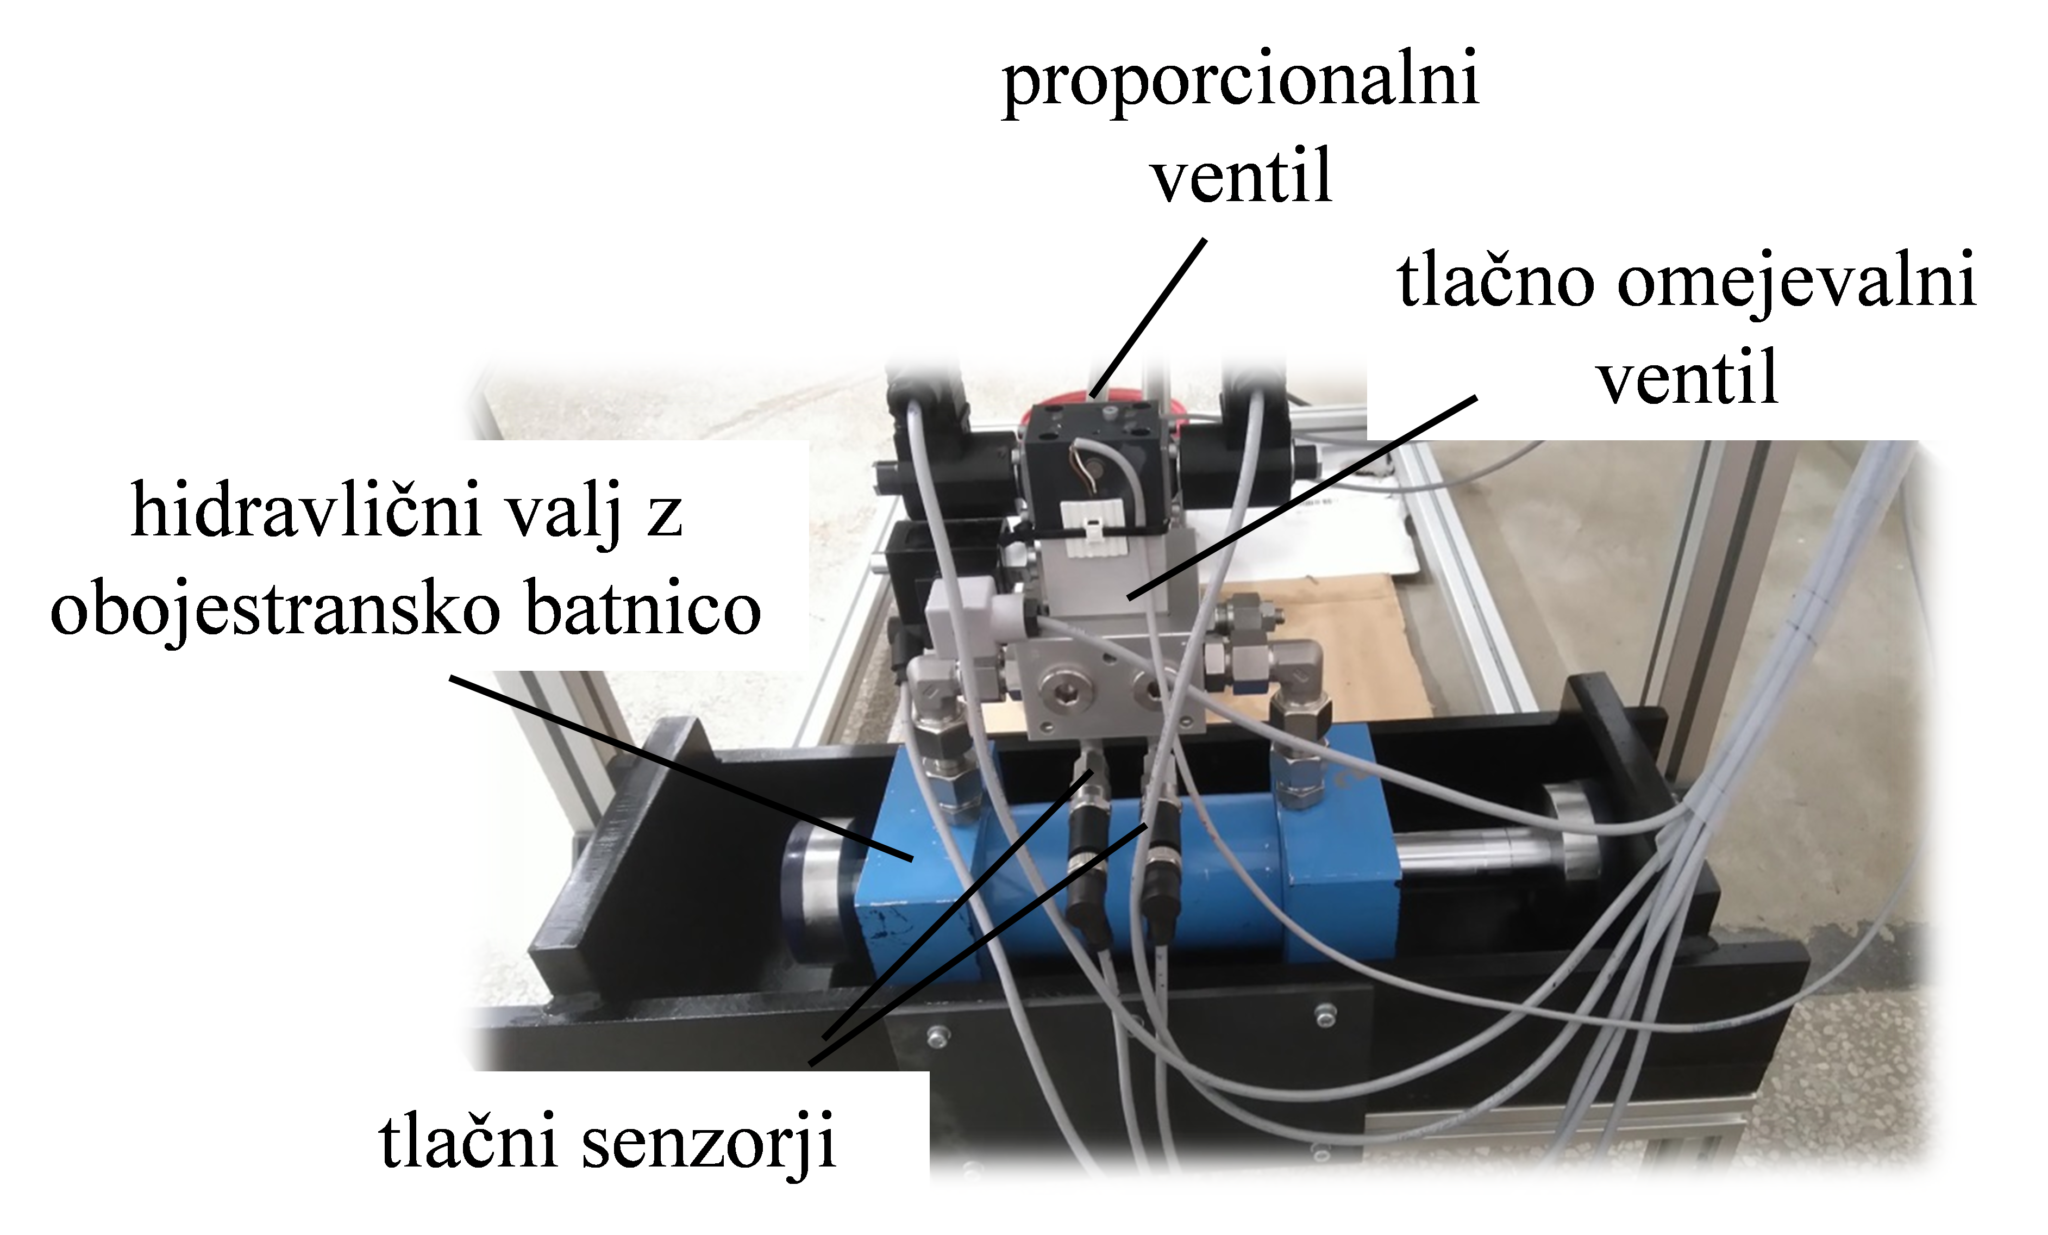 Tribološki testi s hidravličnimi črpalkami ob spremenljivi obremenitvi